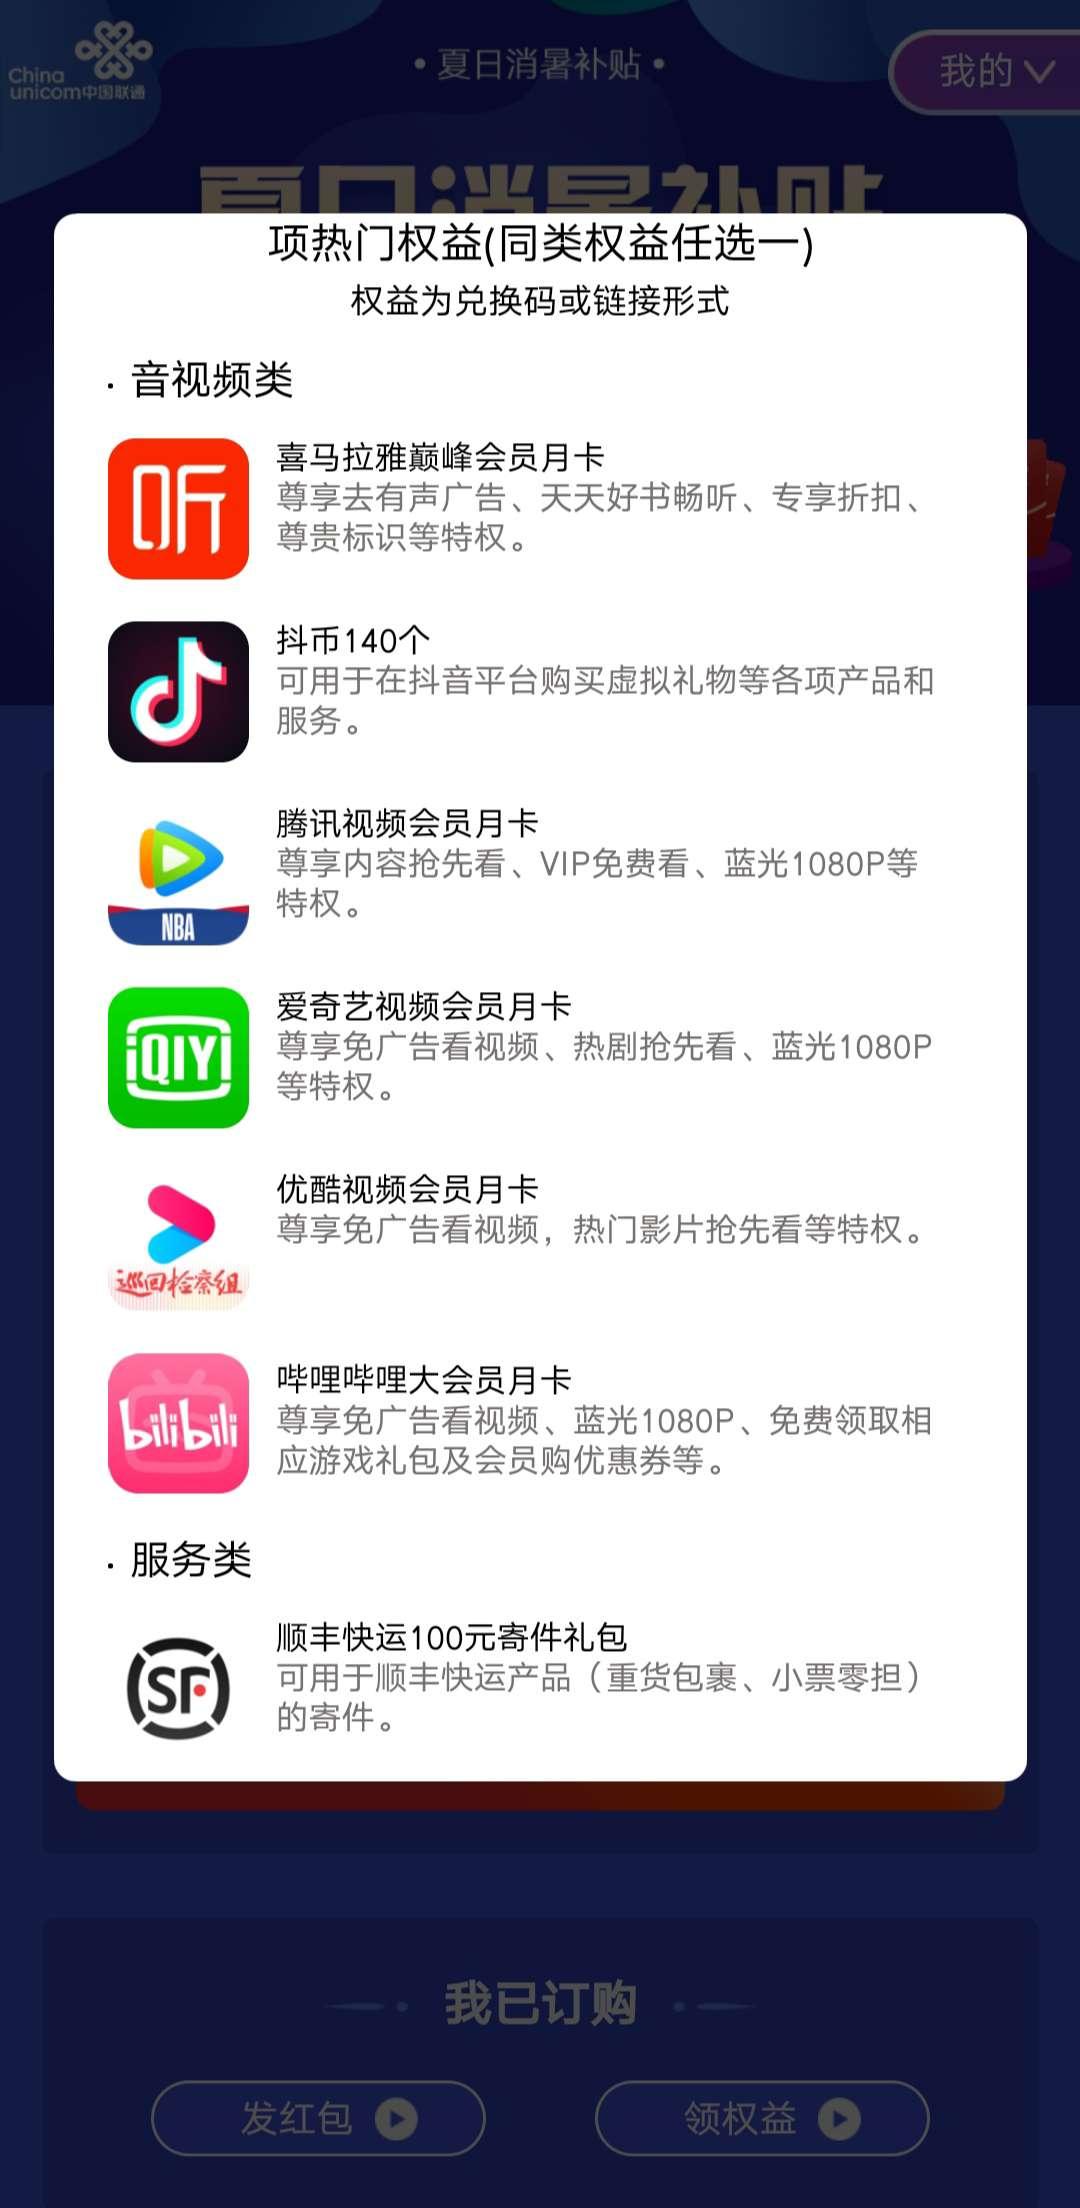 中国联通领取视频会员,流量